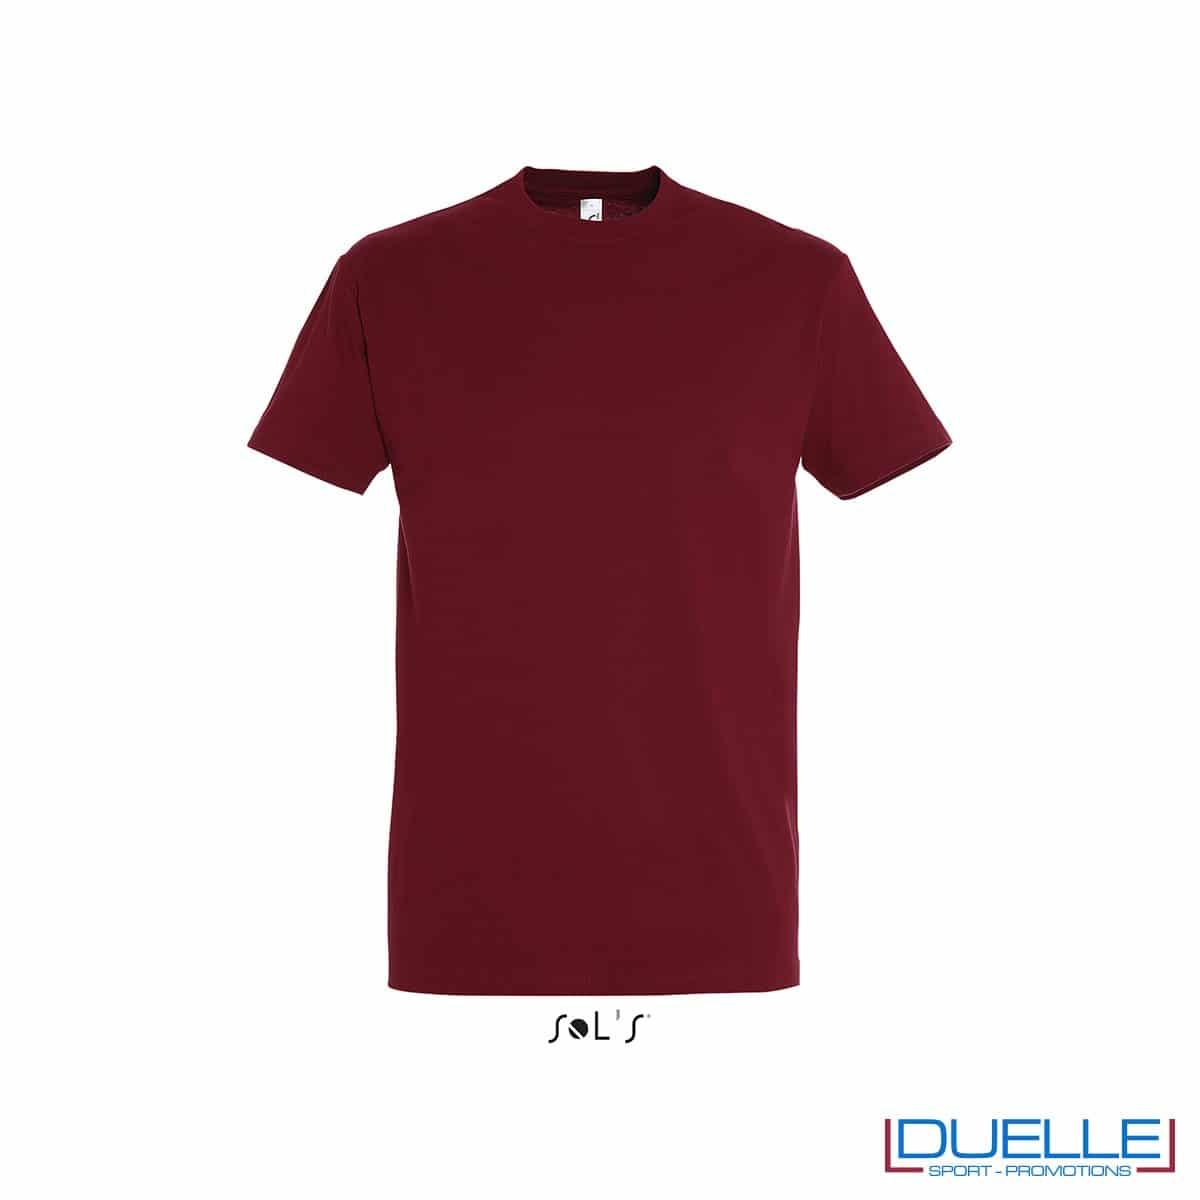 T-shirt promozionale in cotone pesante colore rosso chili personalizzata con stampa o ricamo